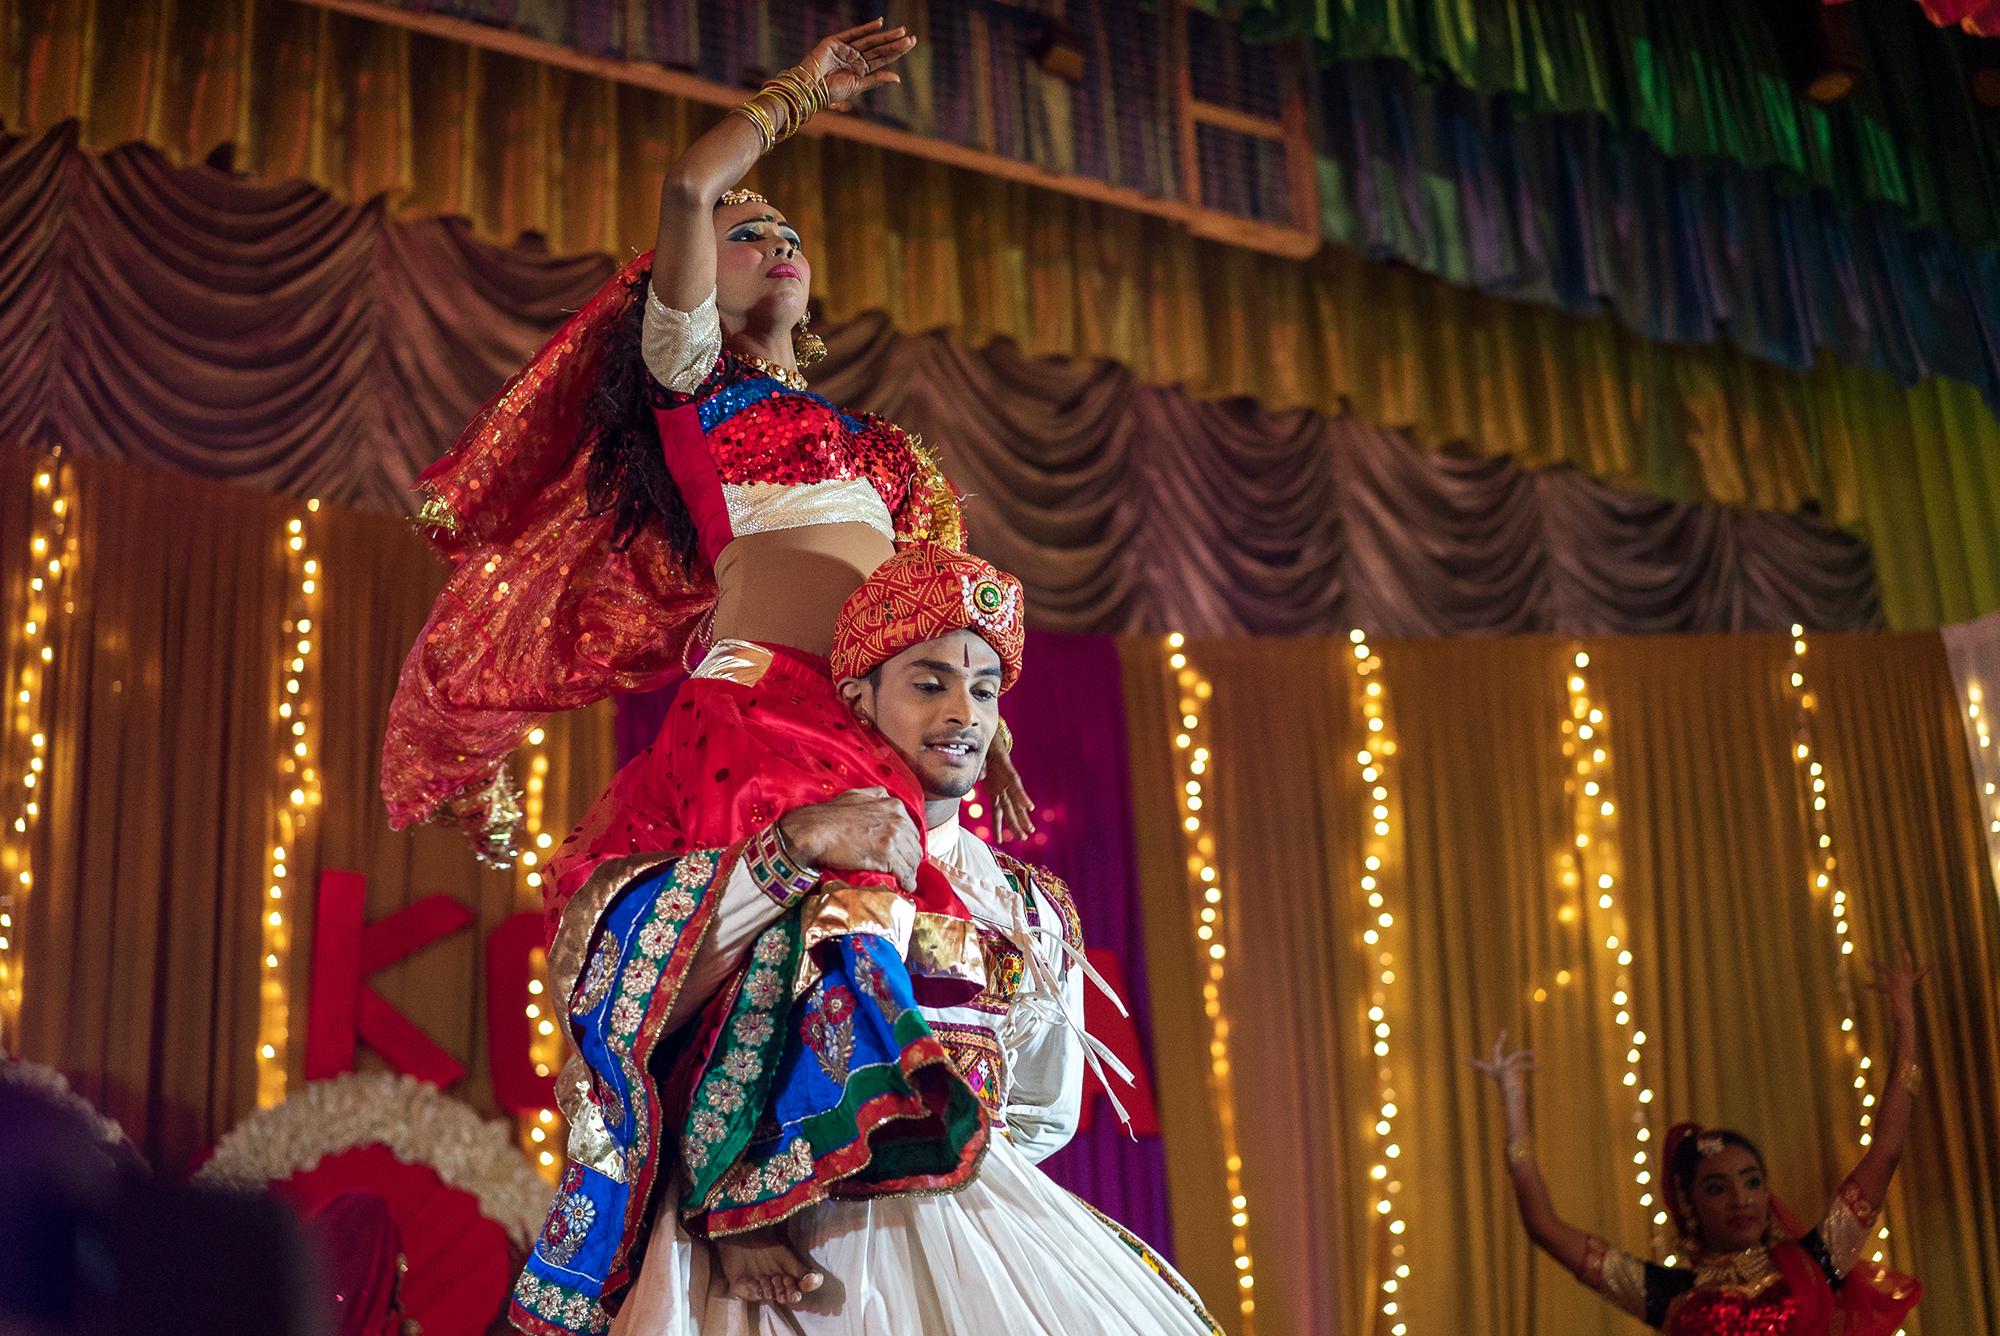 man and women dancing